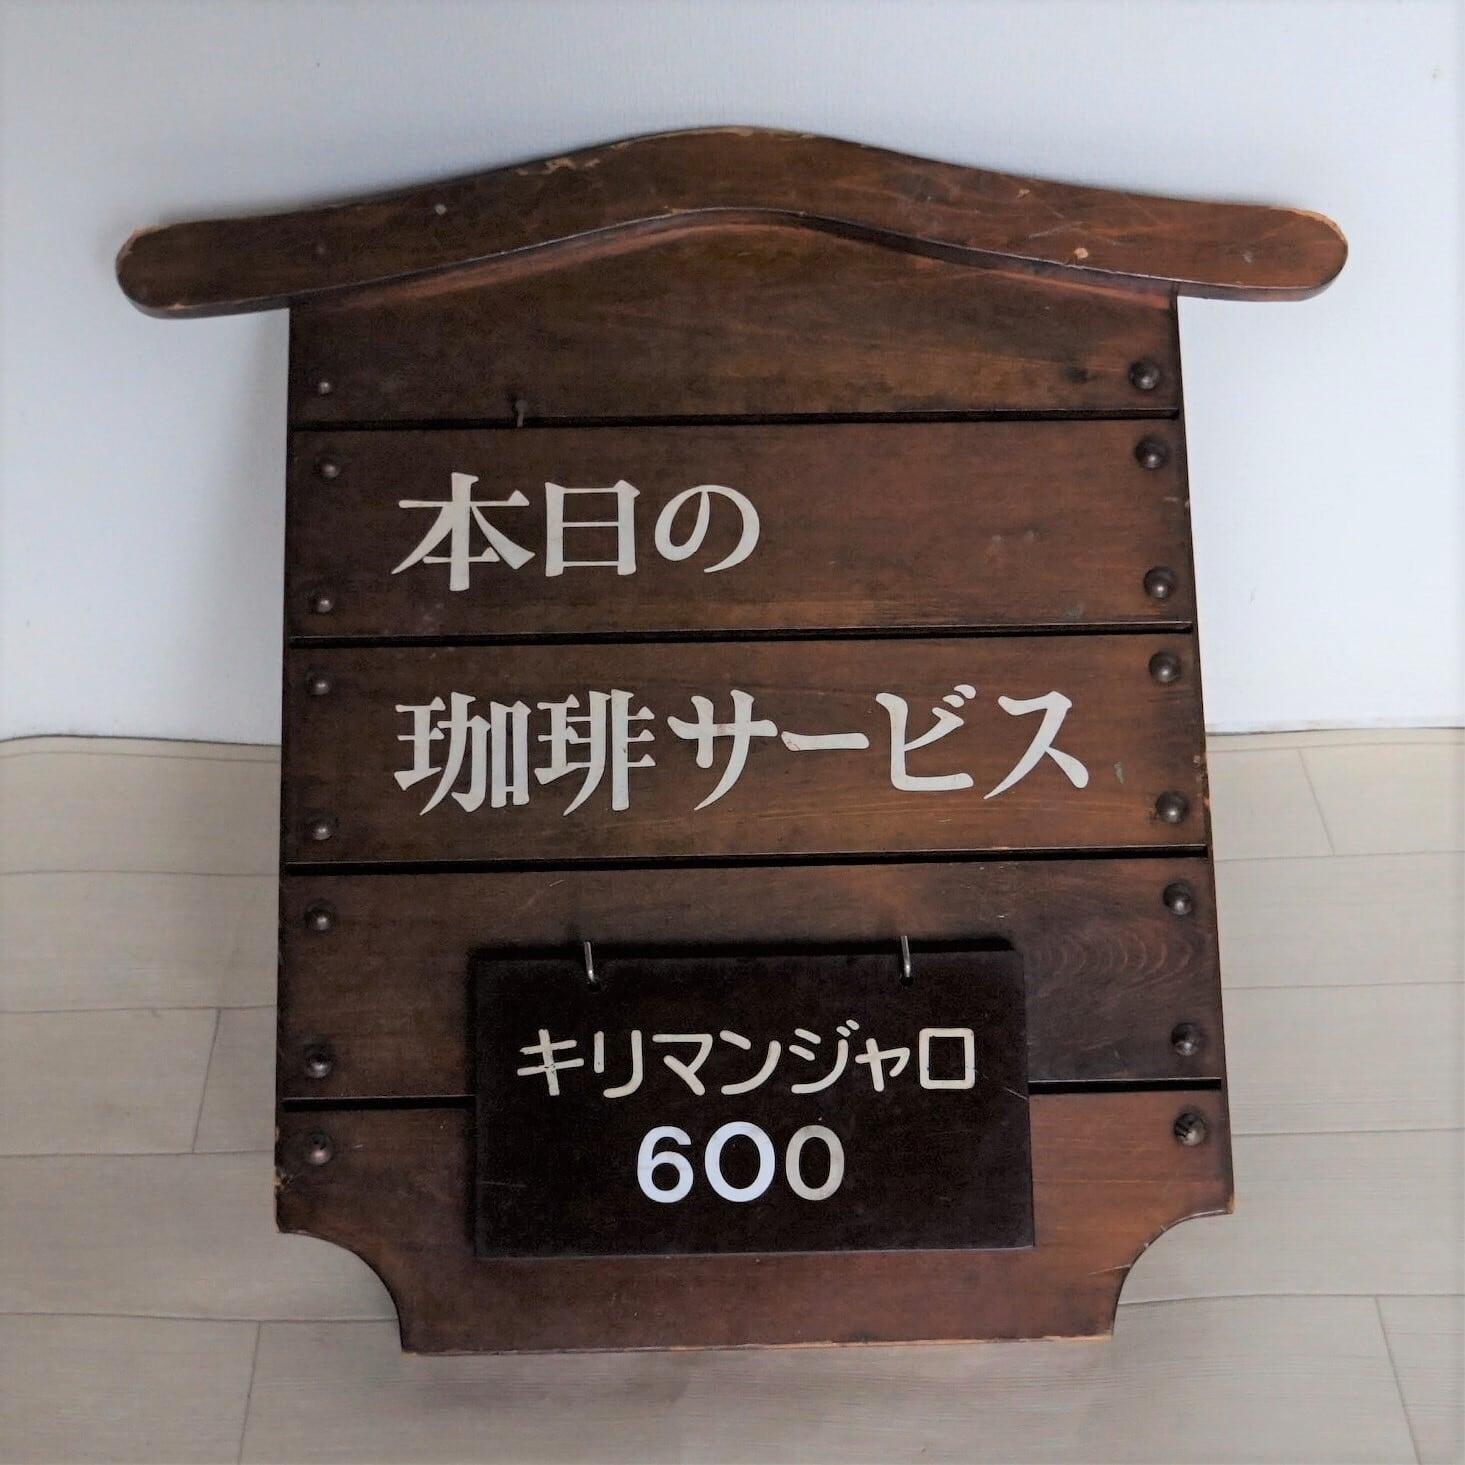 「本日の珈琲サービス」看板➁